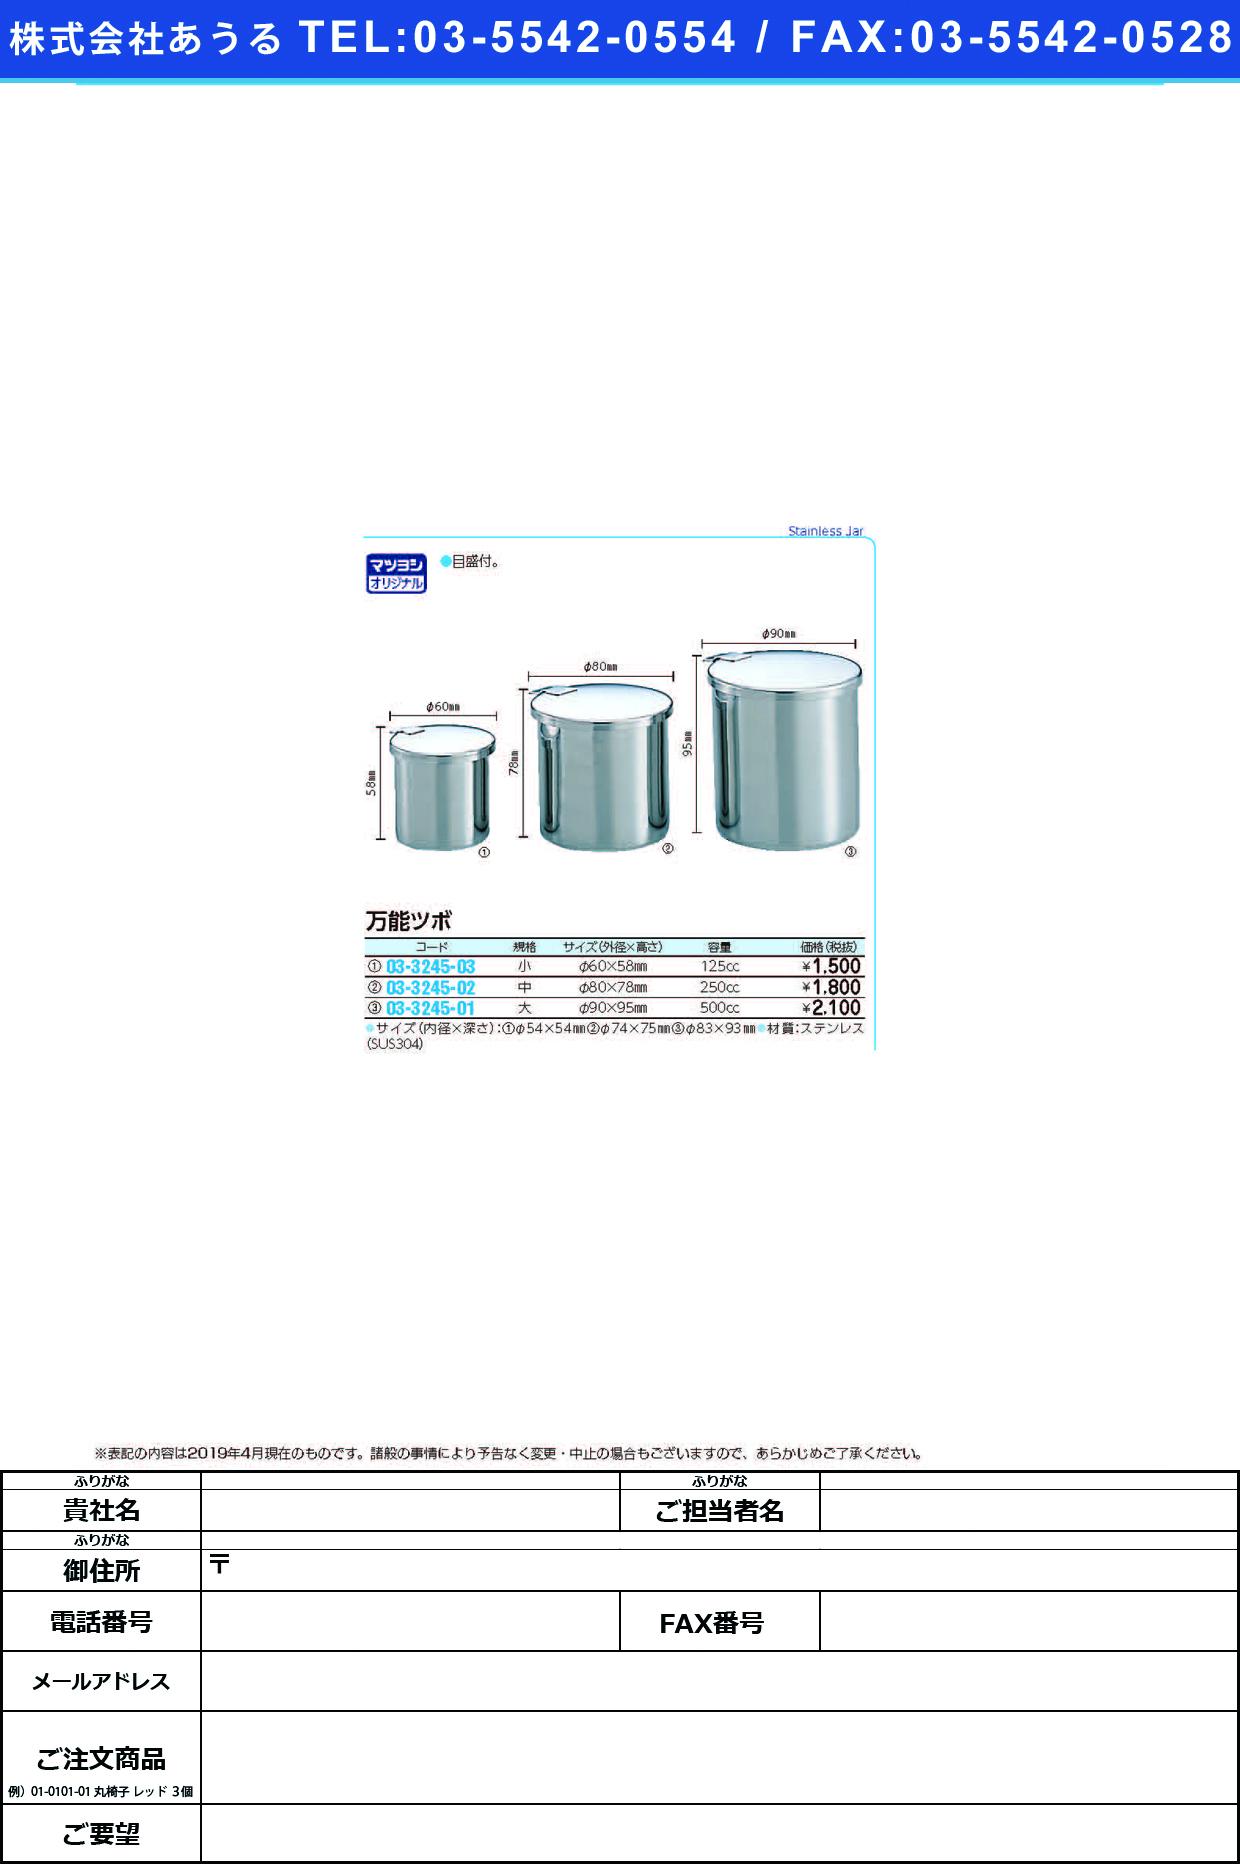 (03-3245-02)万能ツボ250cc 78X78MM(ステンレス) バンノウツボ250CC【1個単位】【2019年カタログ商品】